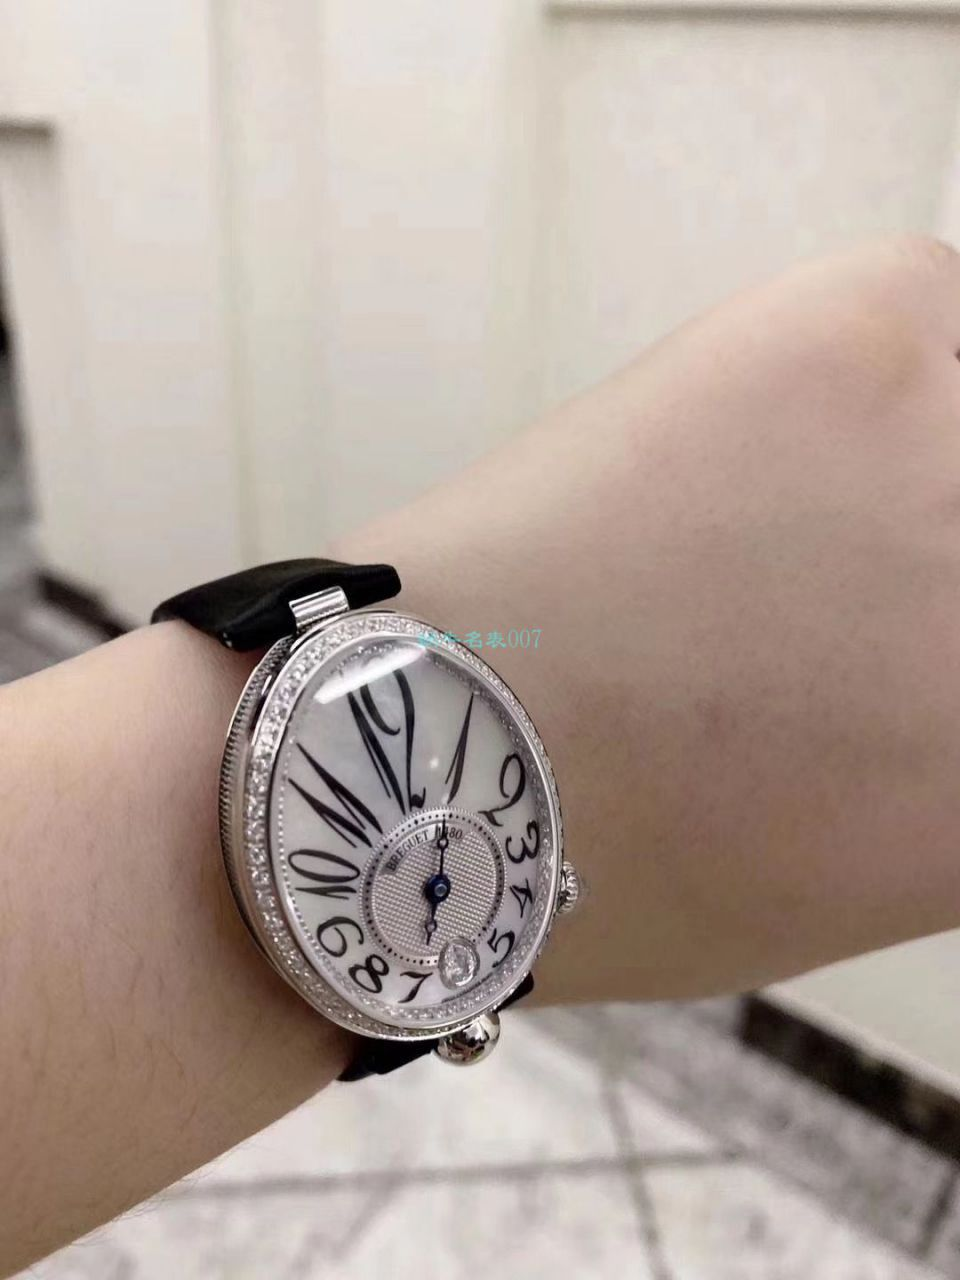 宝玑高仿手表价格【视频评测】超A高仿宝玑手表多少钱 / BZgaofang